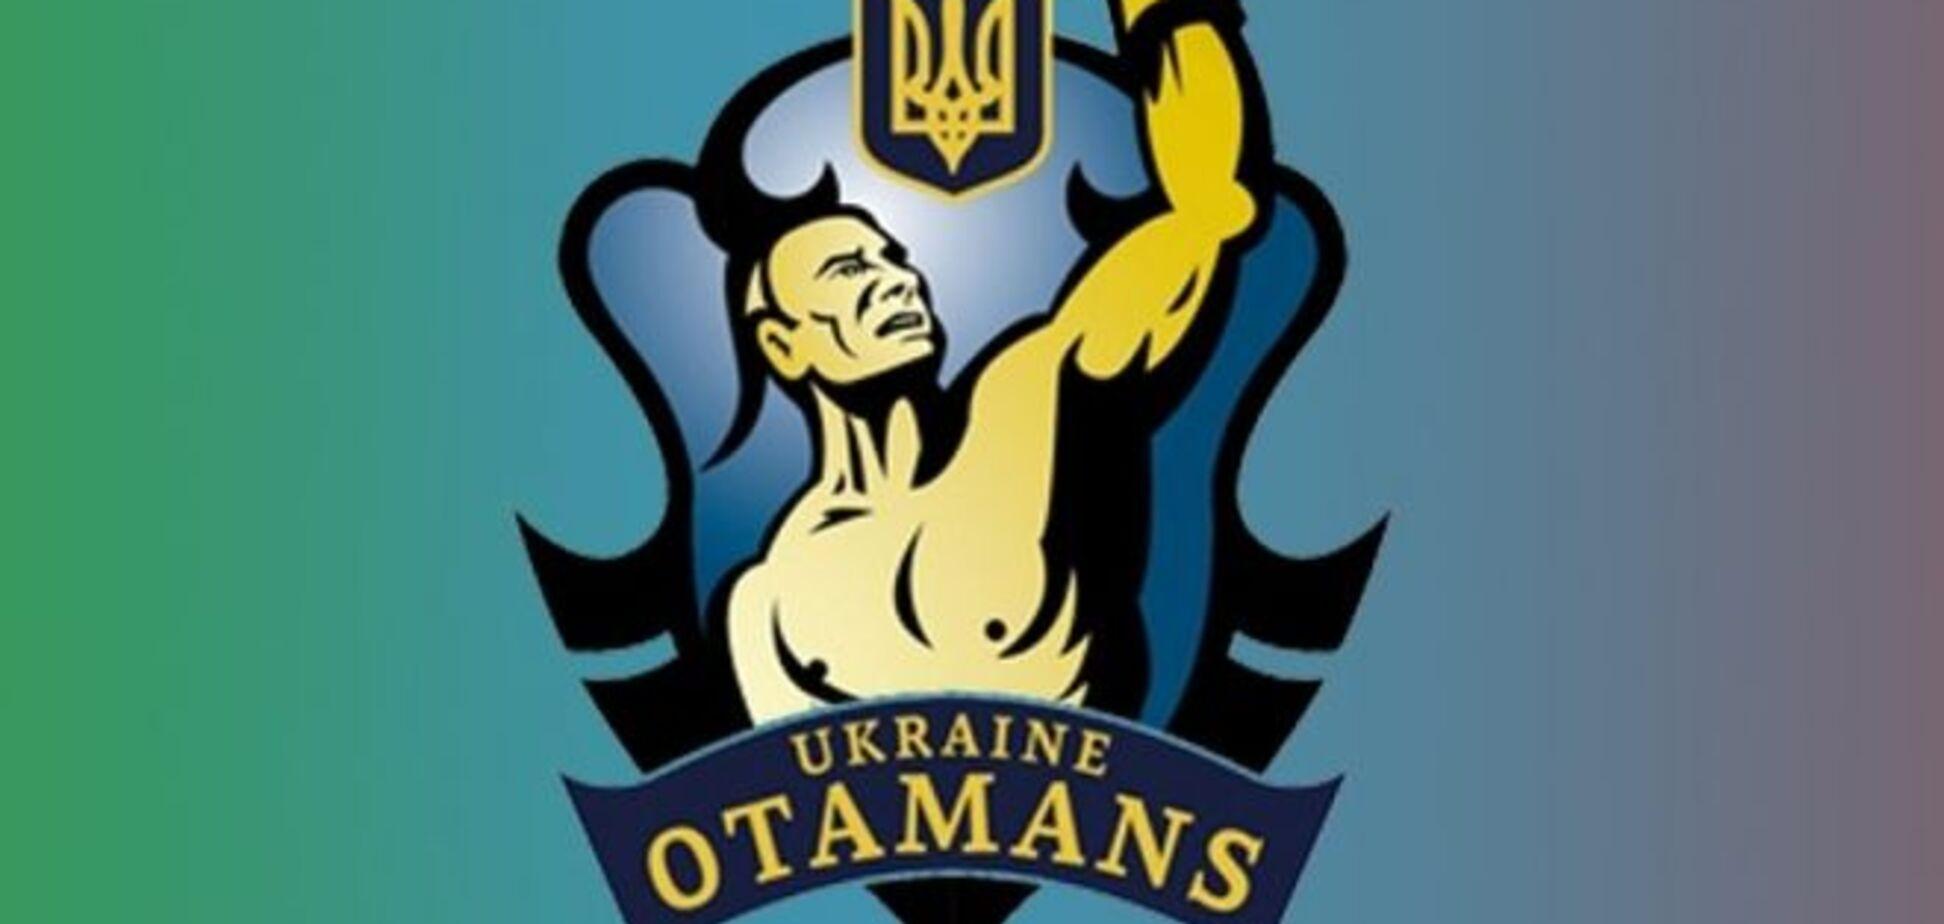 'Украинские атаманы' сделали шокирующие заявление